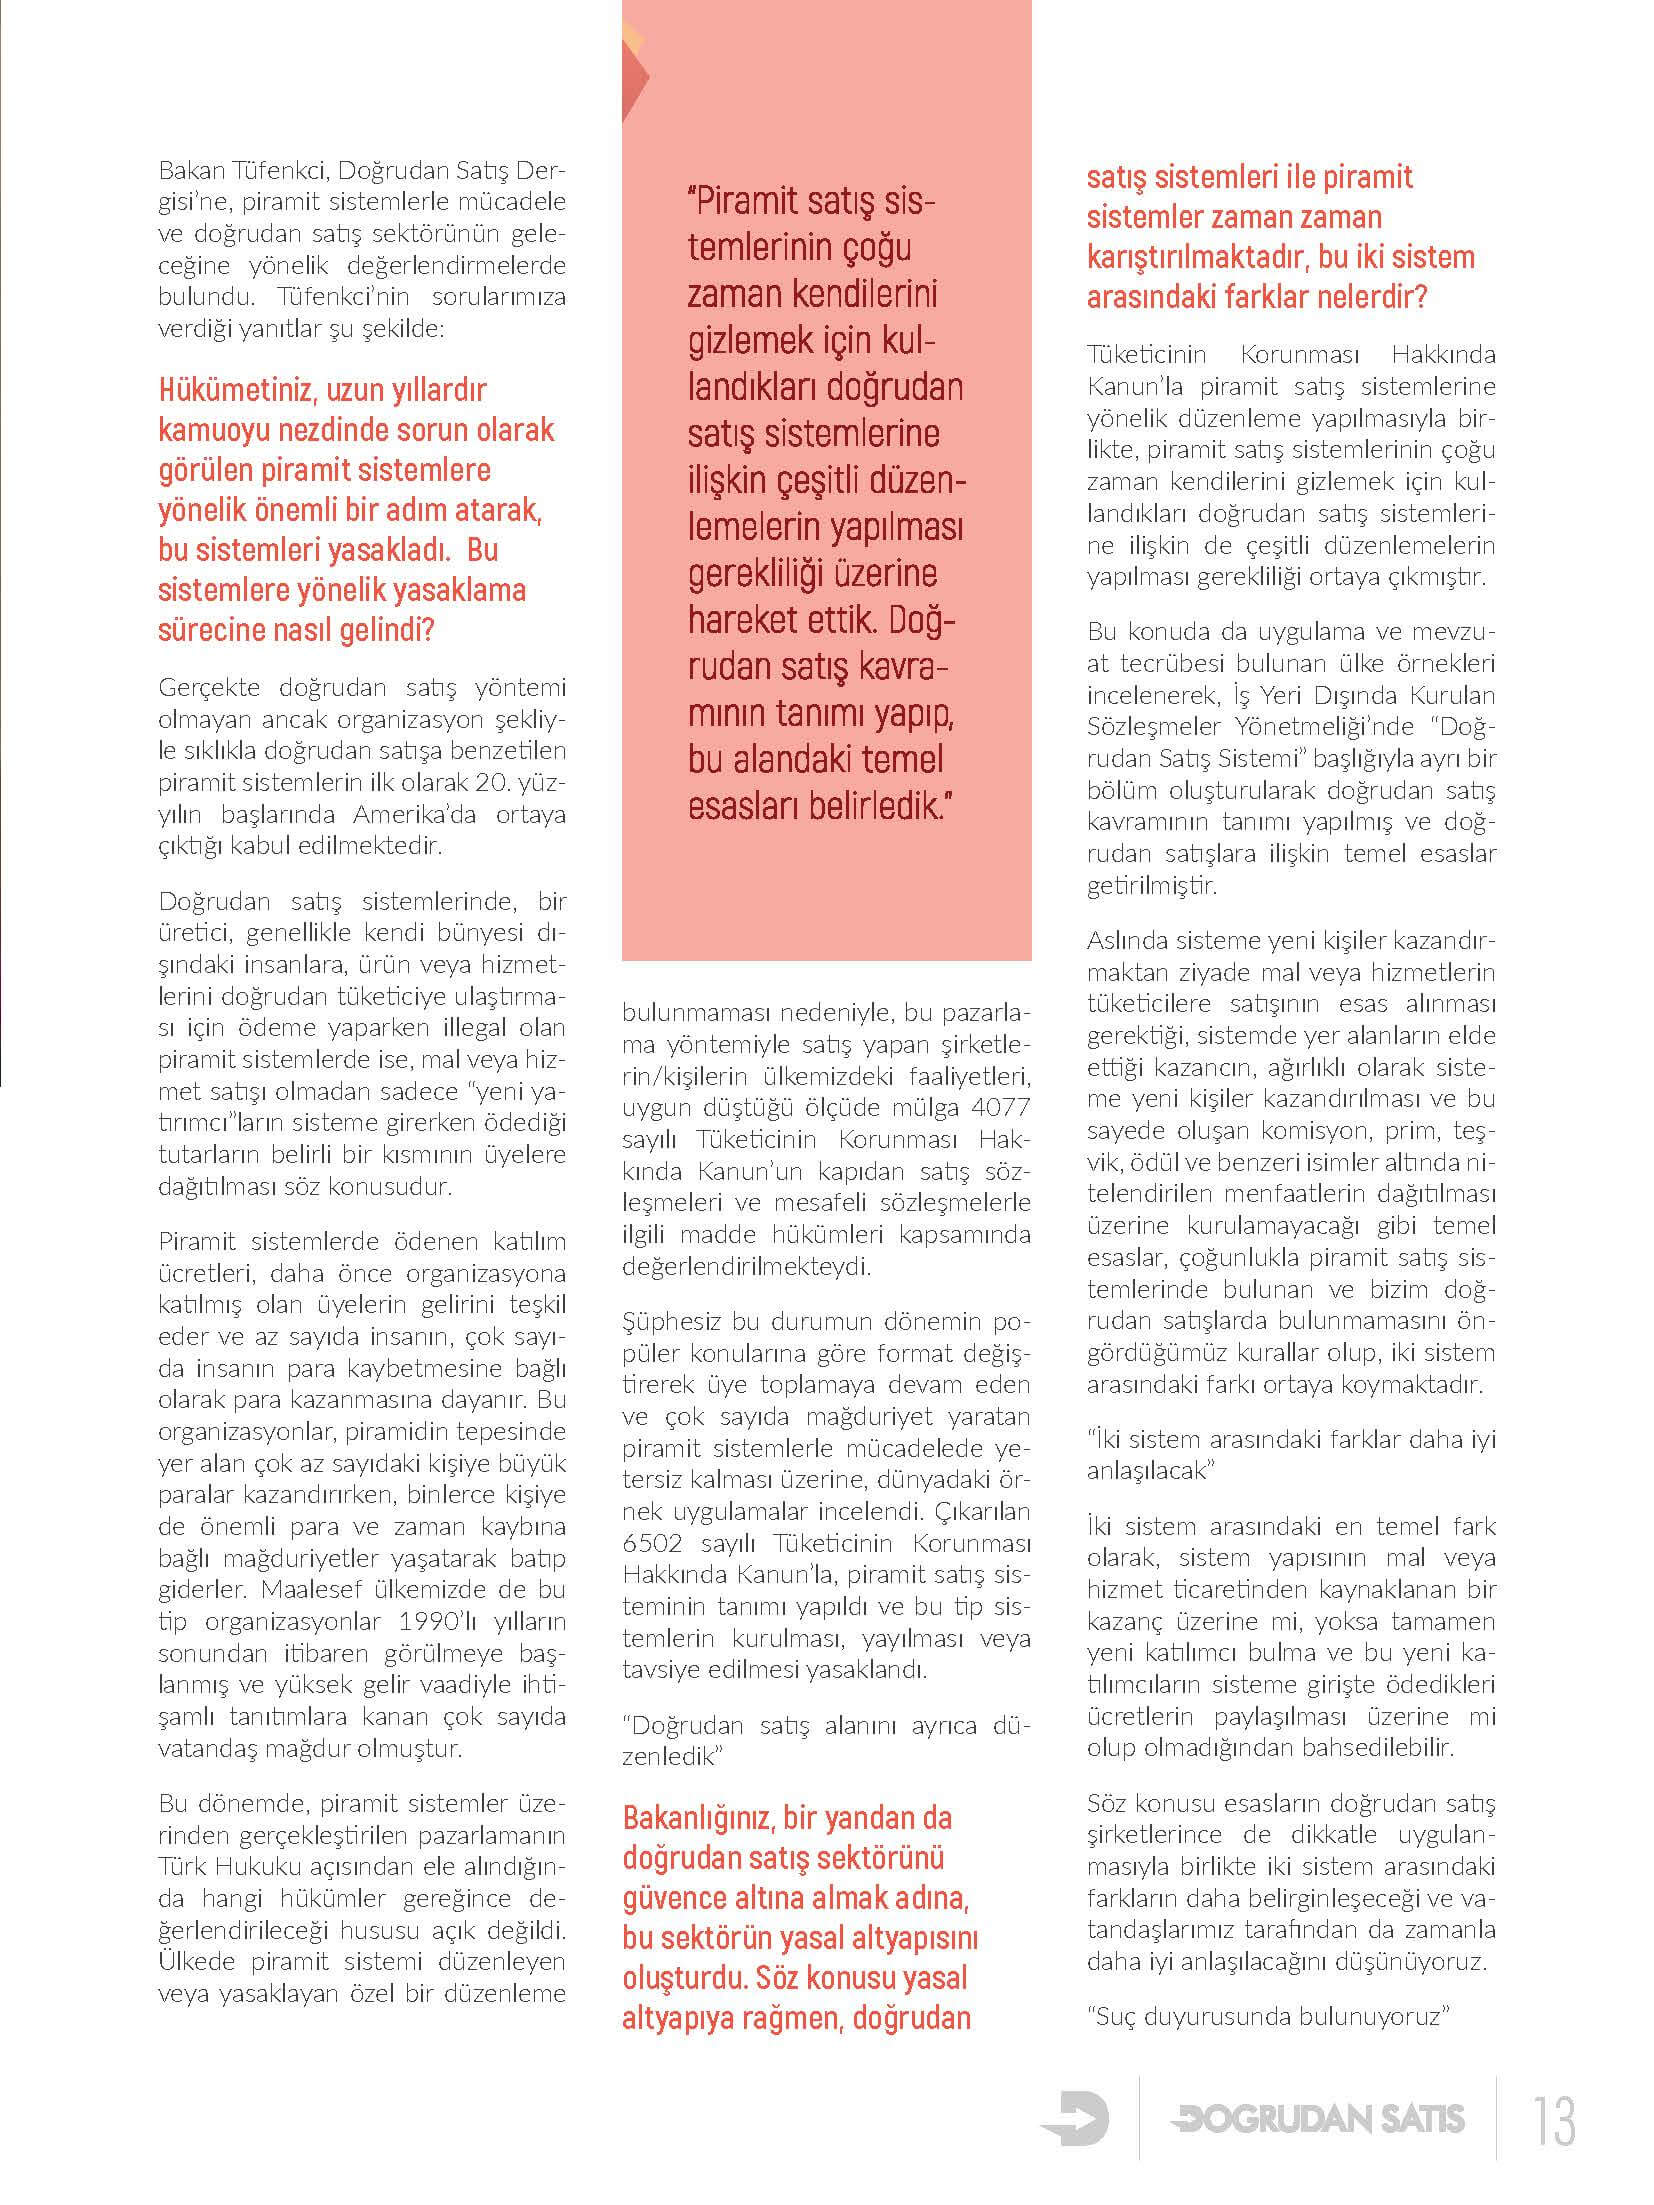 Sayfa 13